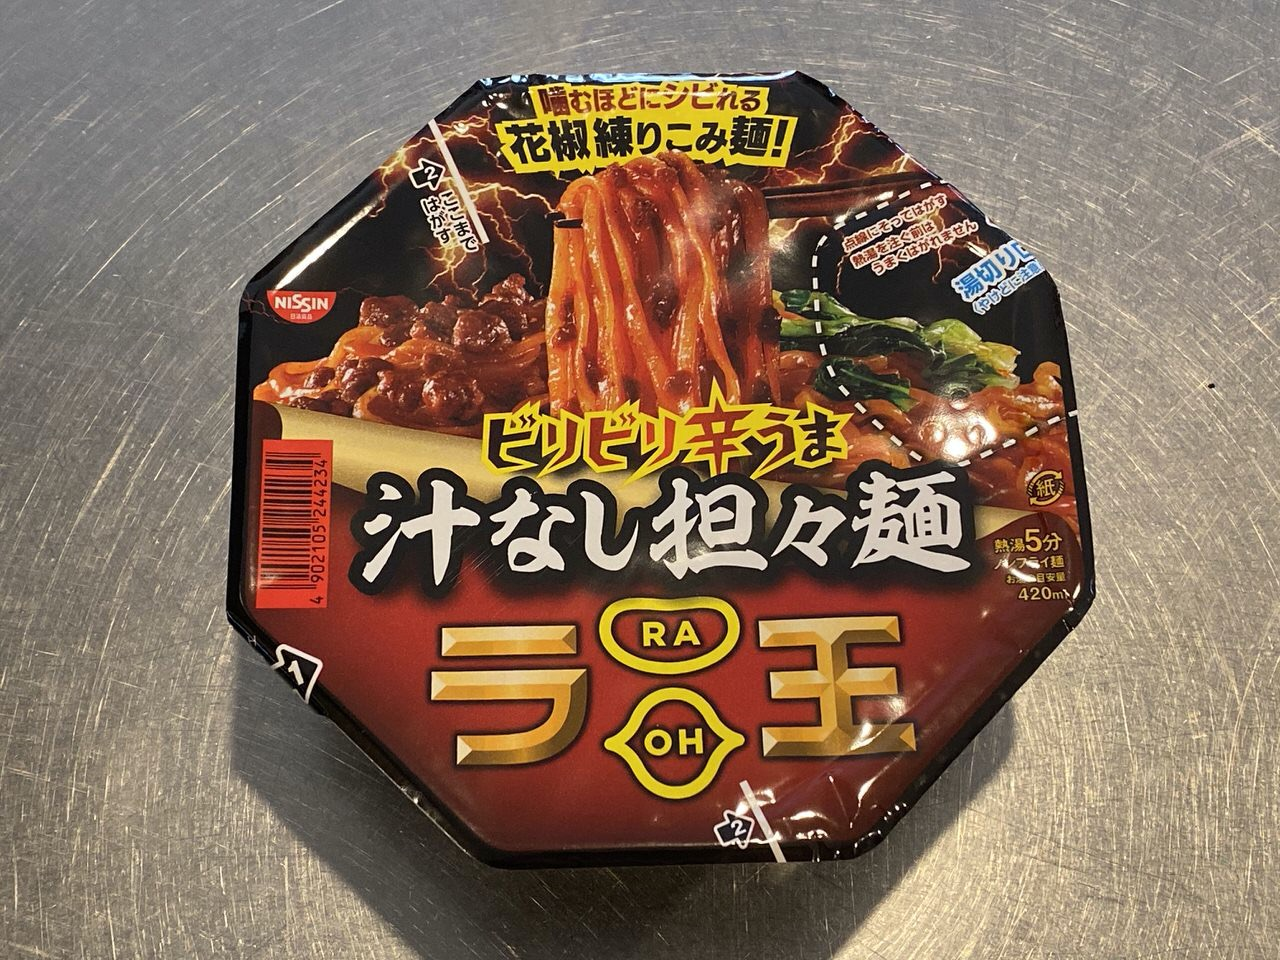 「日清ラ王 ビリビリ辛うま 汁なし担々麺」花椒が旨い店の味の汁なし担々麺